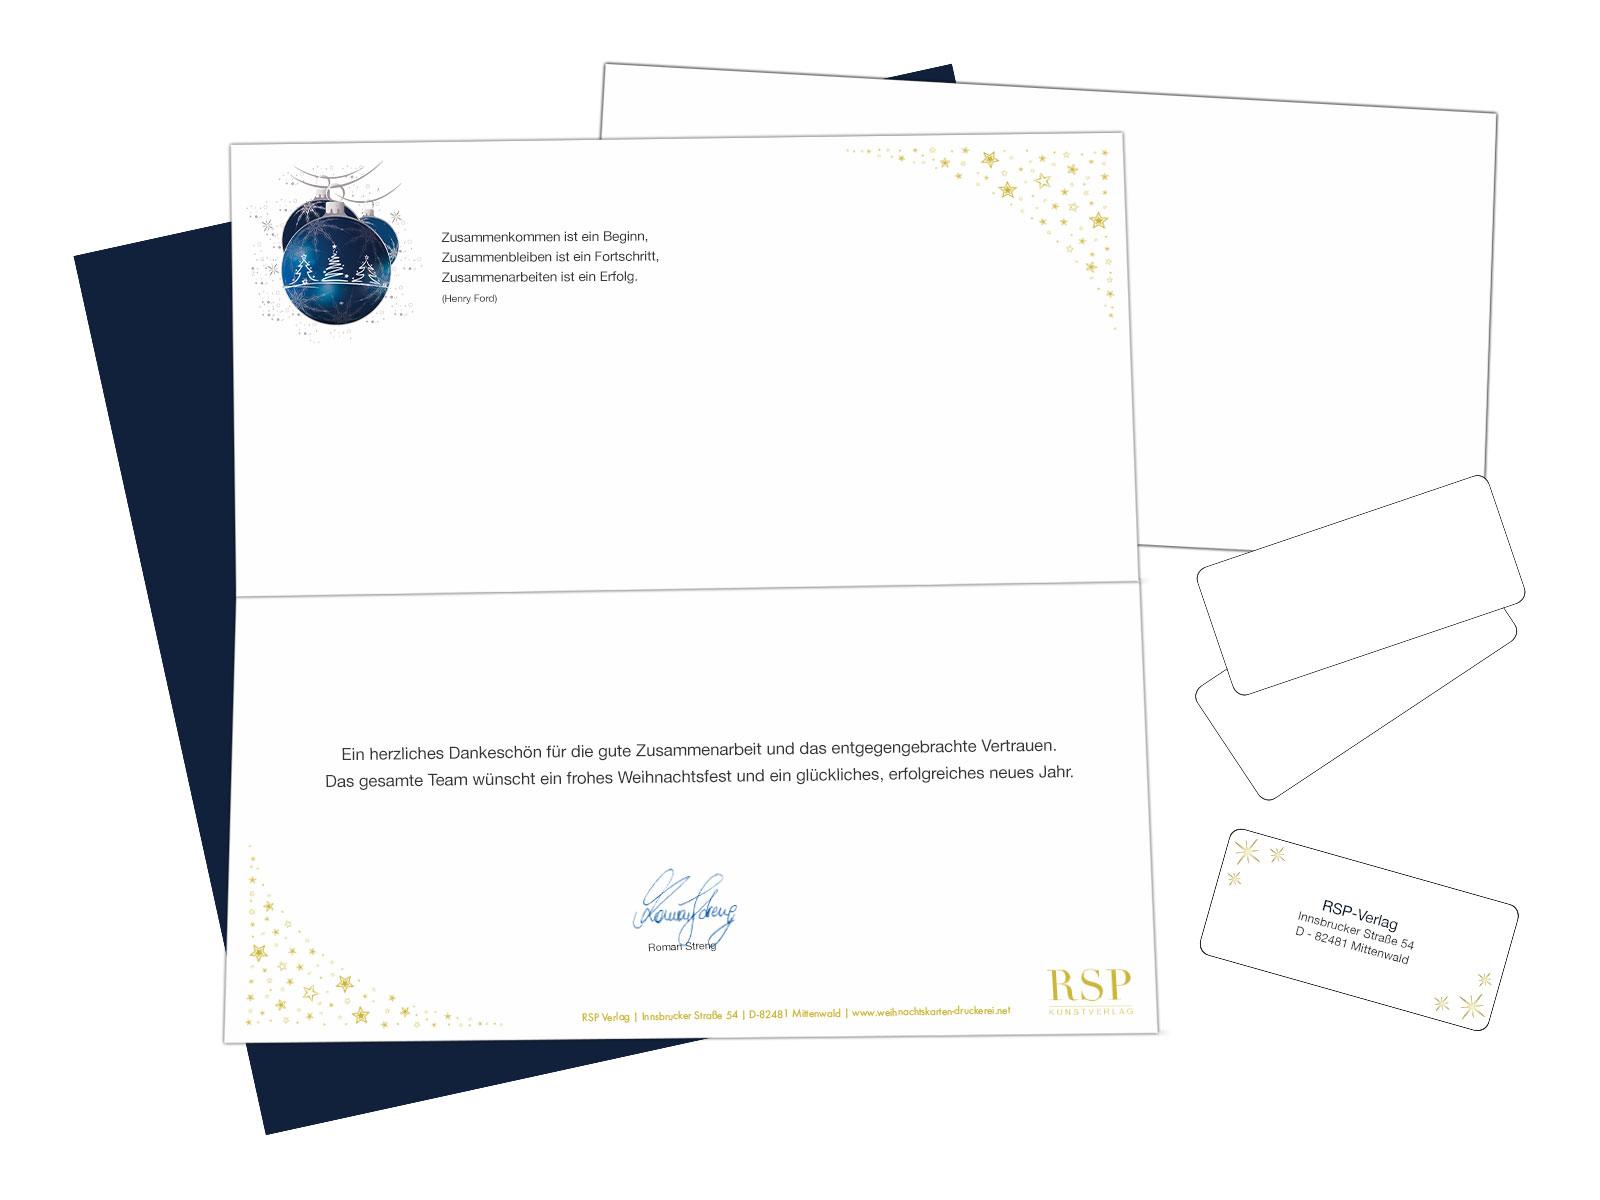 Einlegeblätter Für Weihnachtskarten.Weihnachtskarten Druckerei Net Zusatzprodukte